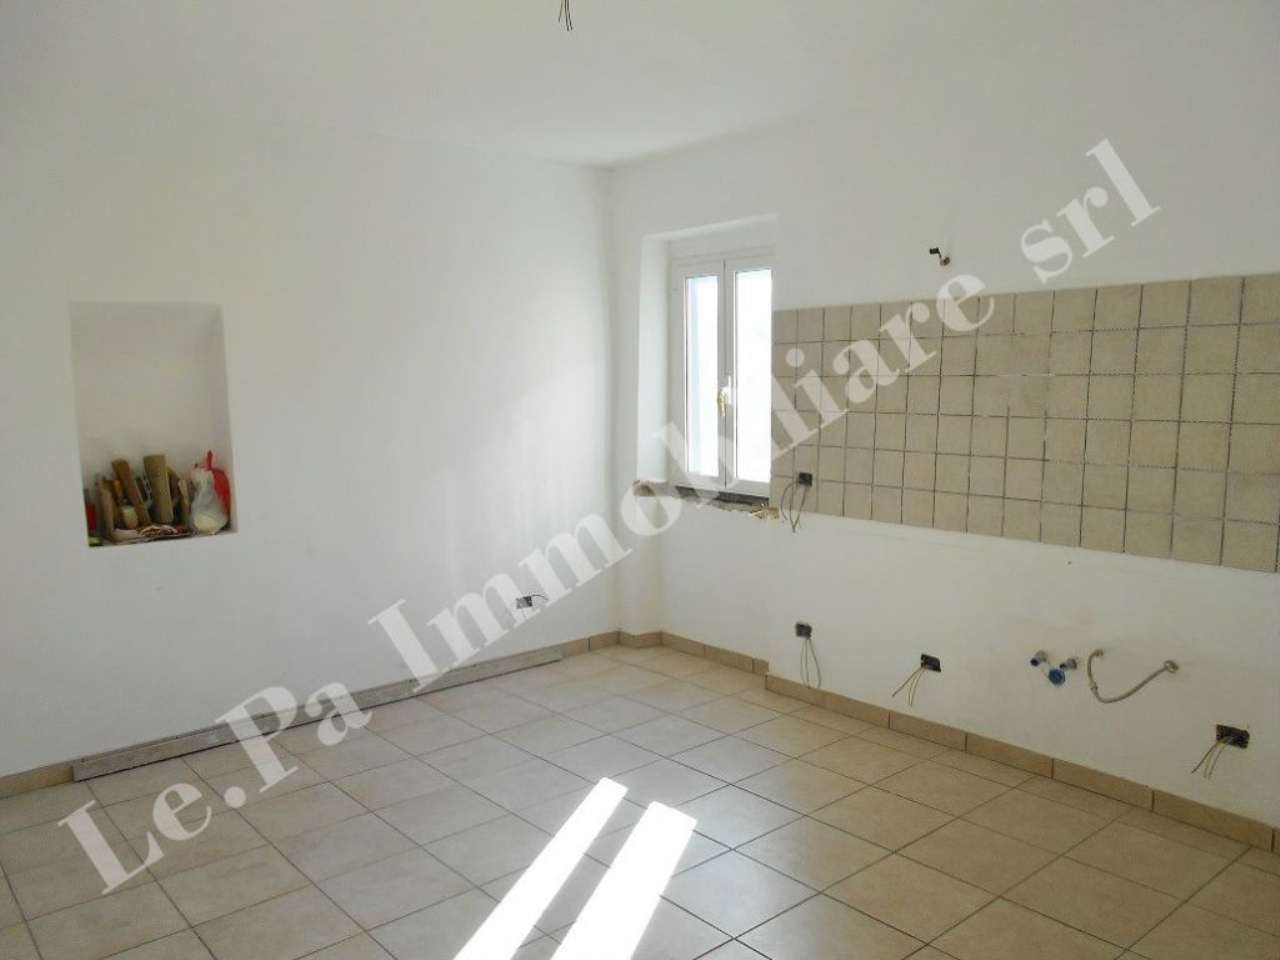 Appartamento in vendita a Labico, 5 locali, prezzo € 79.000 | CambioCasa.it